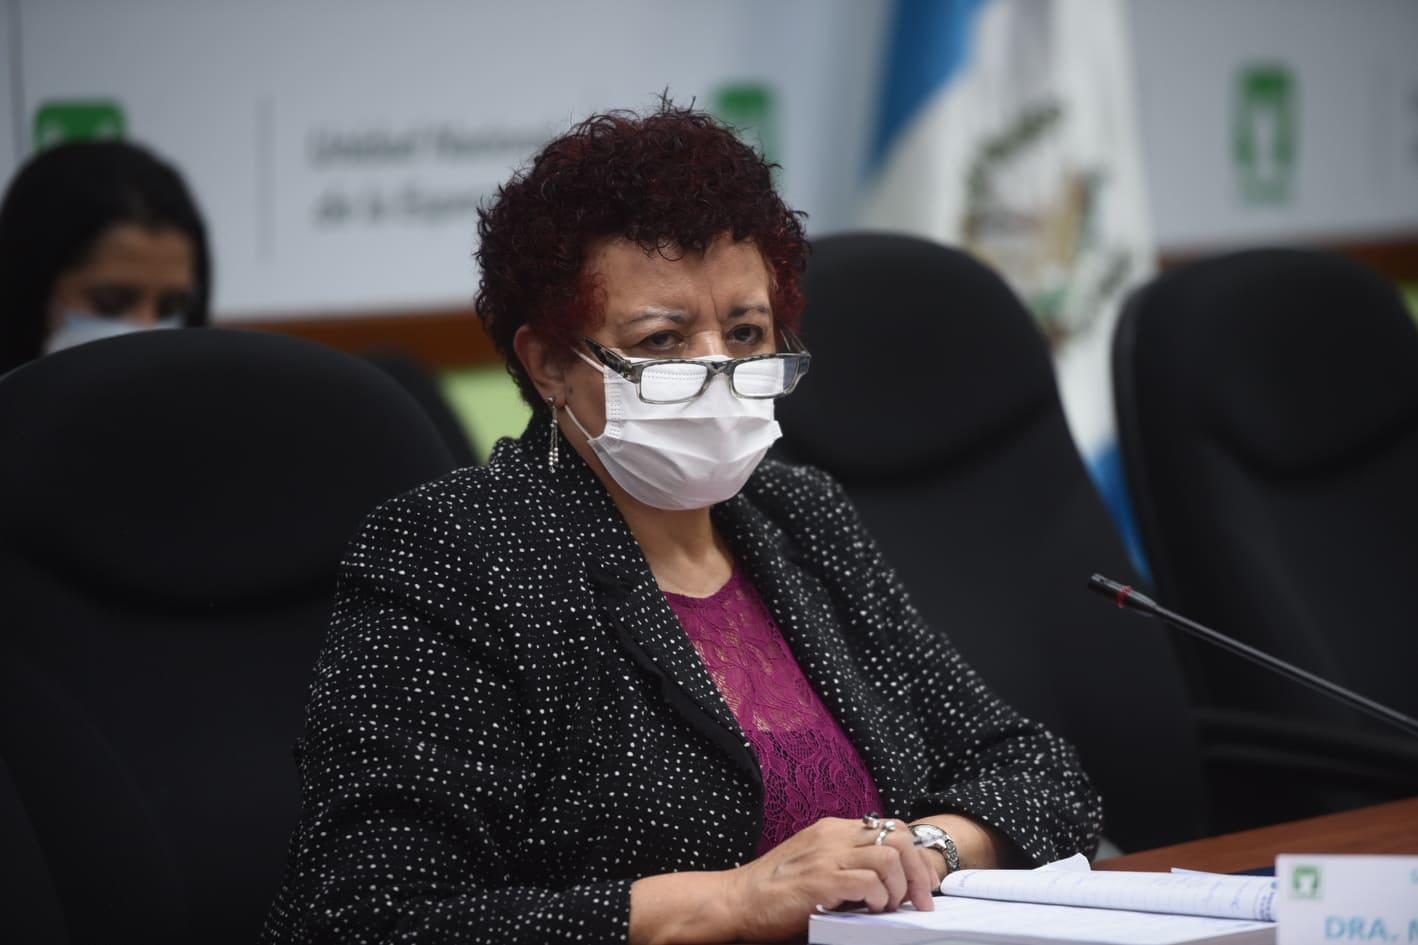 citación de autoridades del Ministerio de Salud e IGSS sobre vacunas por Covid-19